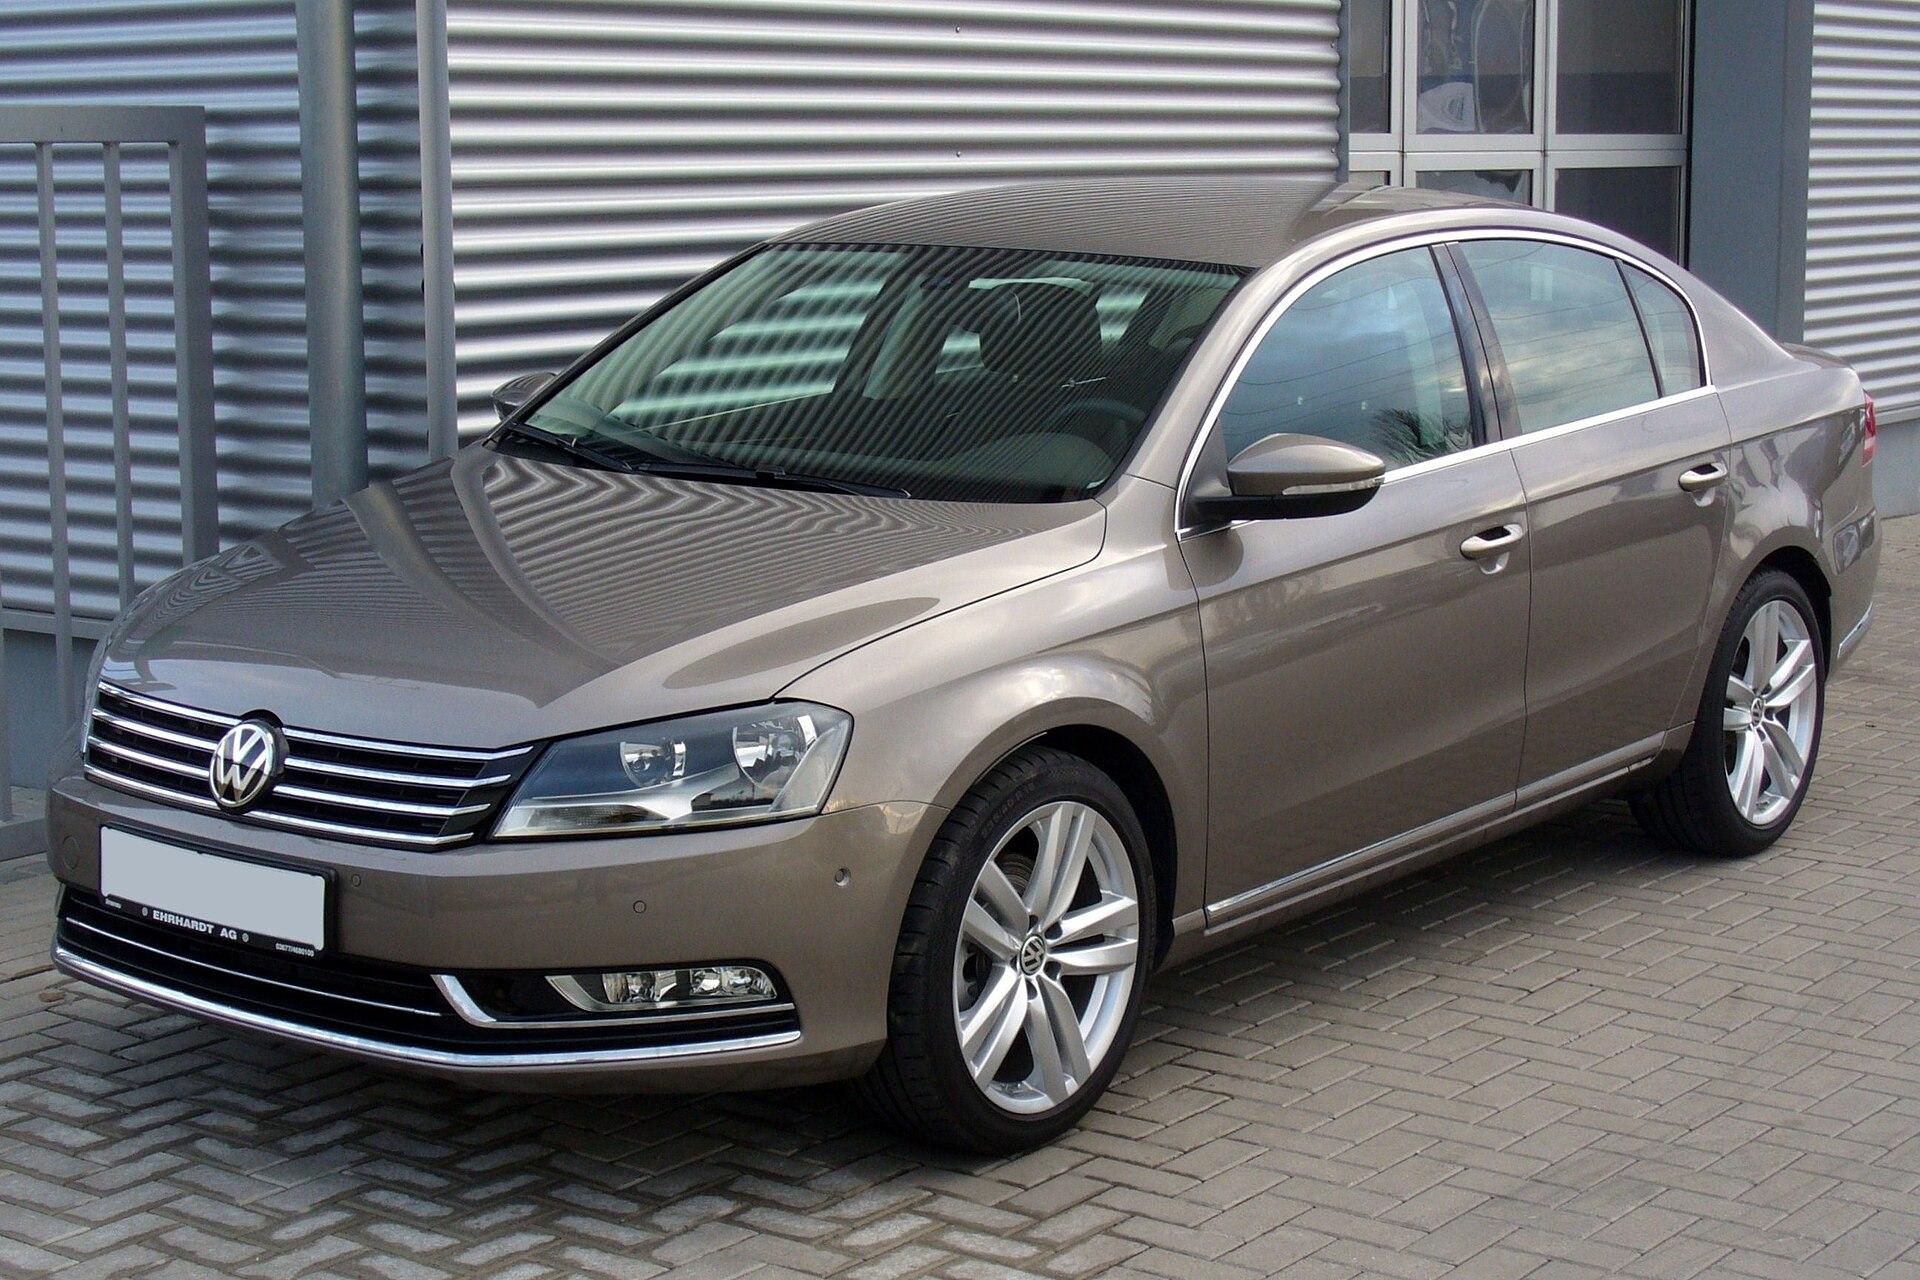 Volkswagen Passat B7 2.0 TDI – dane techniczne